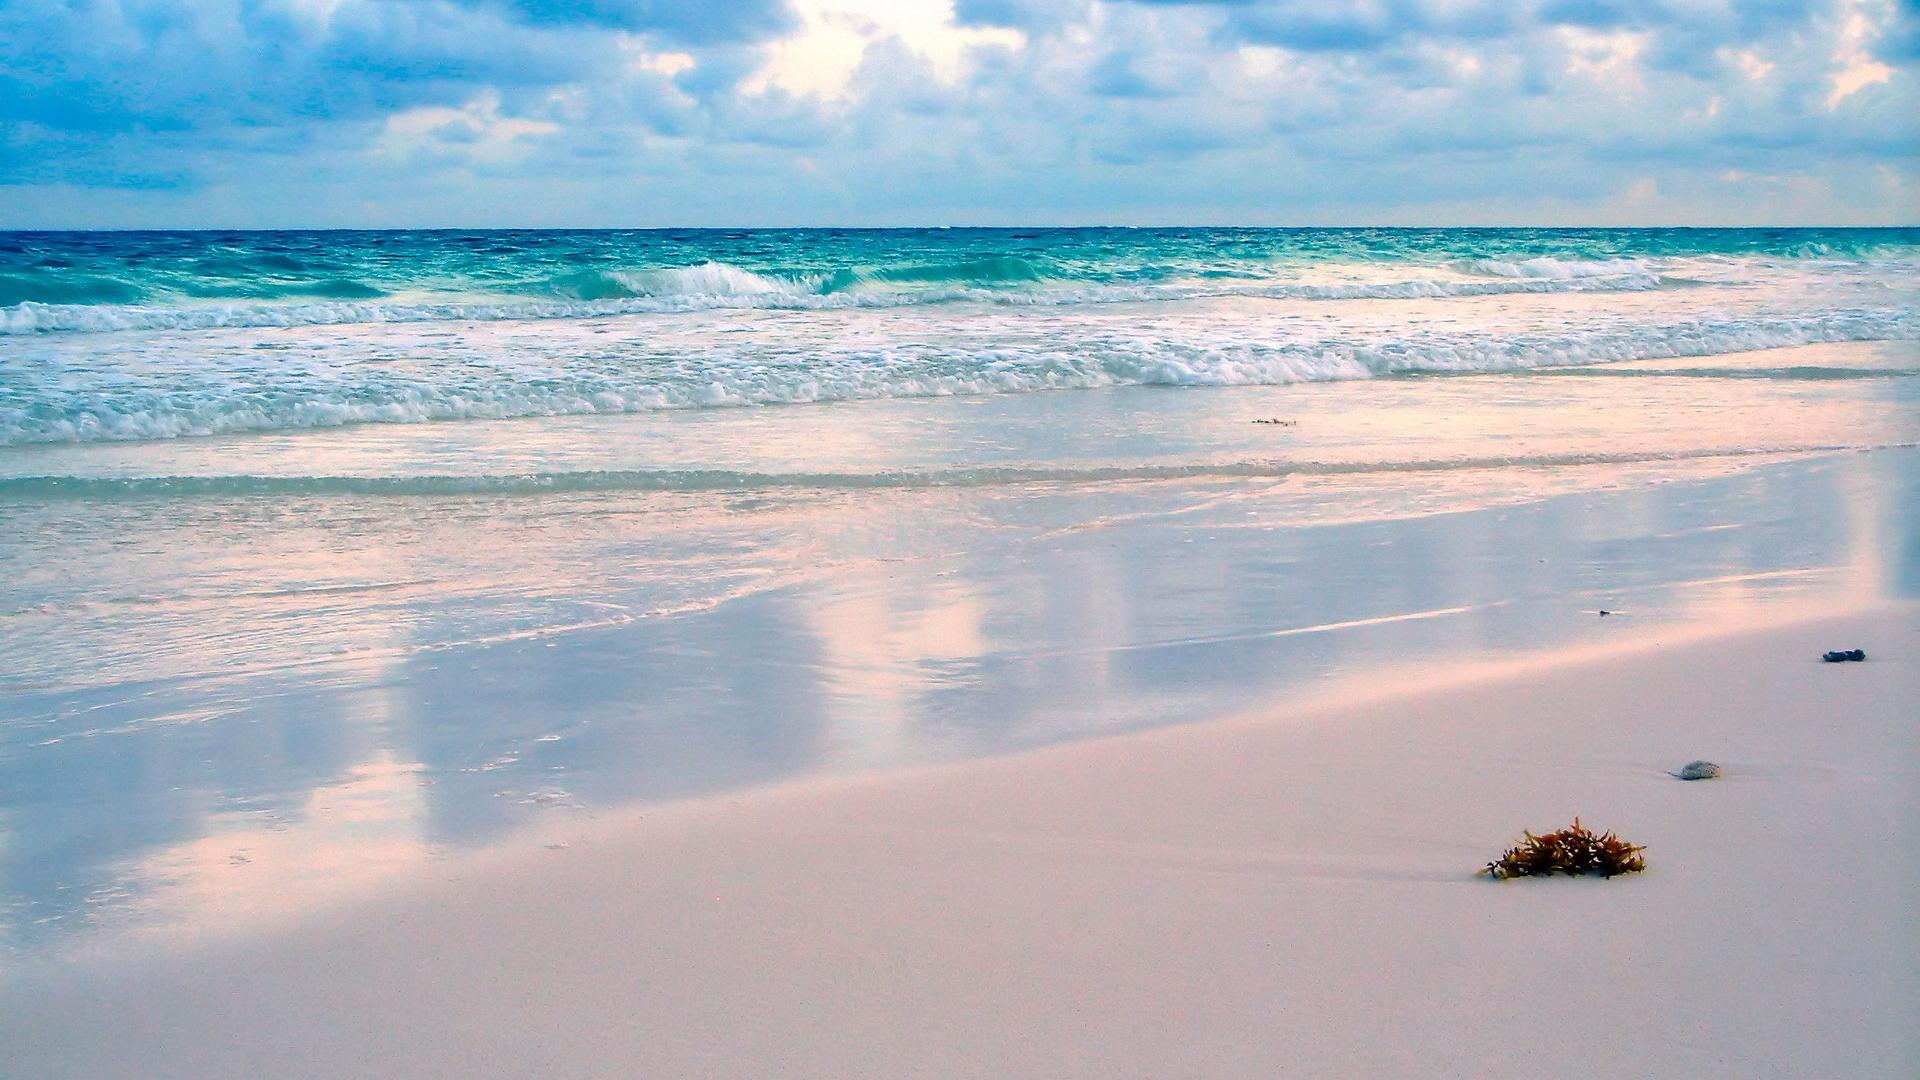 sand beach wallpaper - wallpapersafari